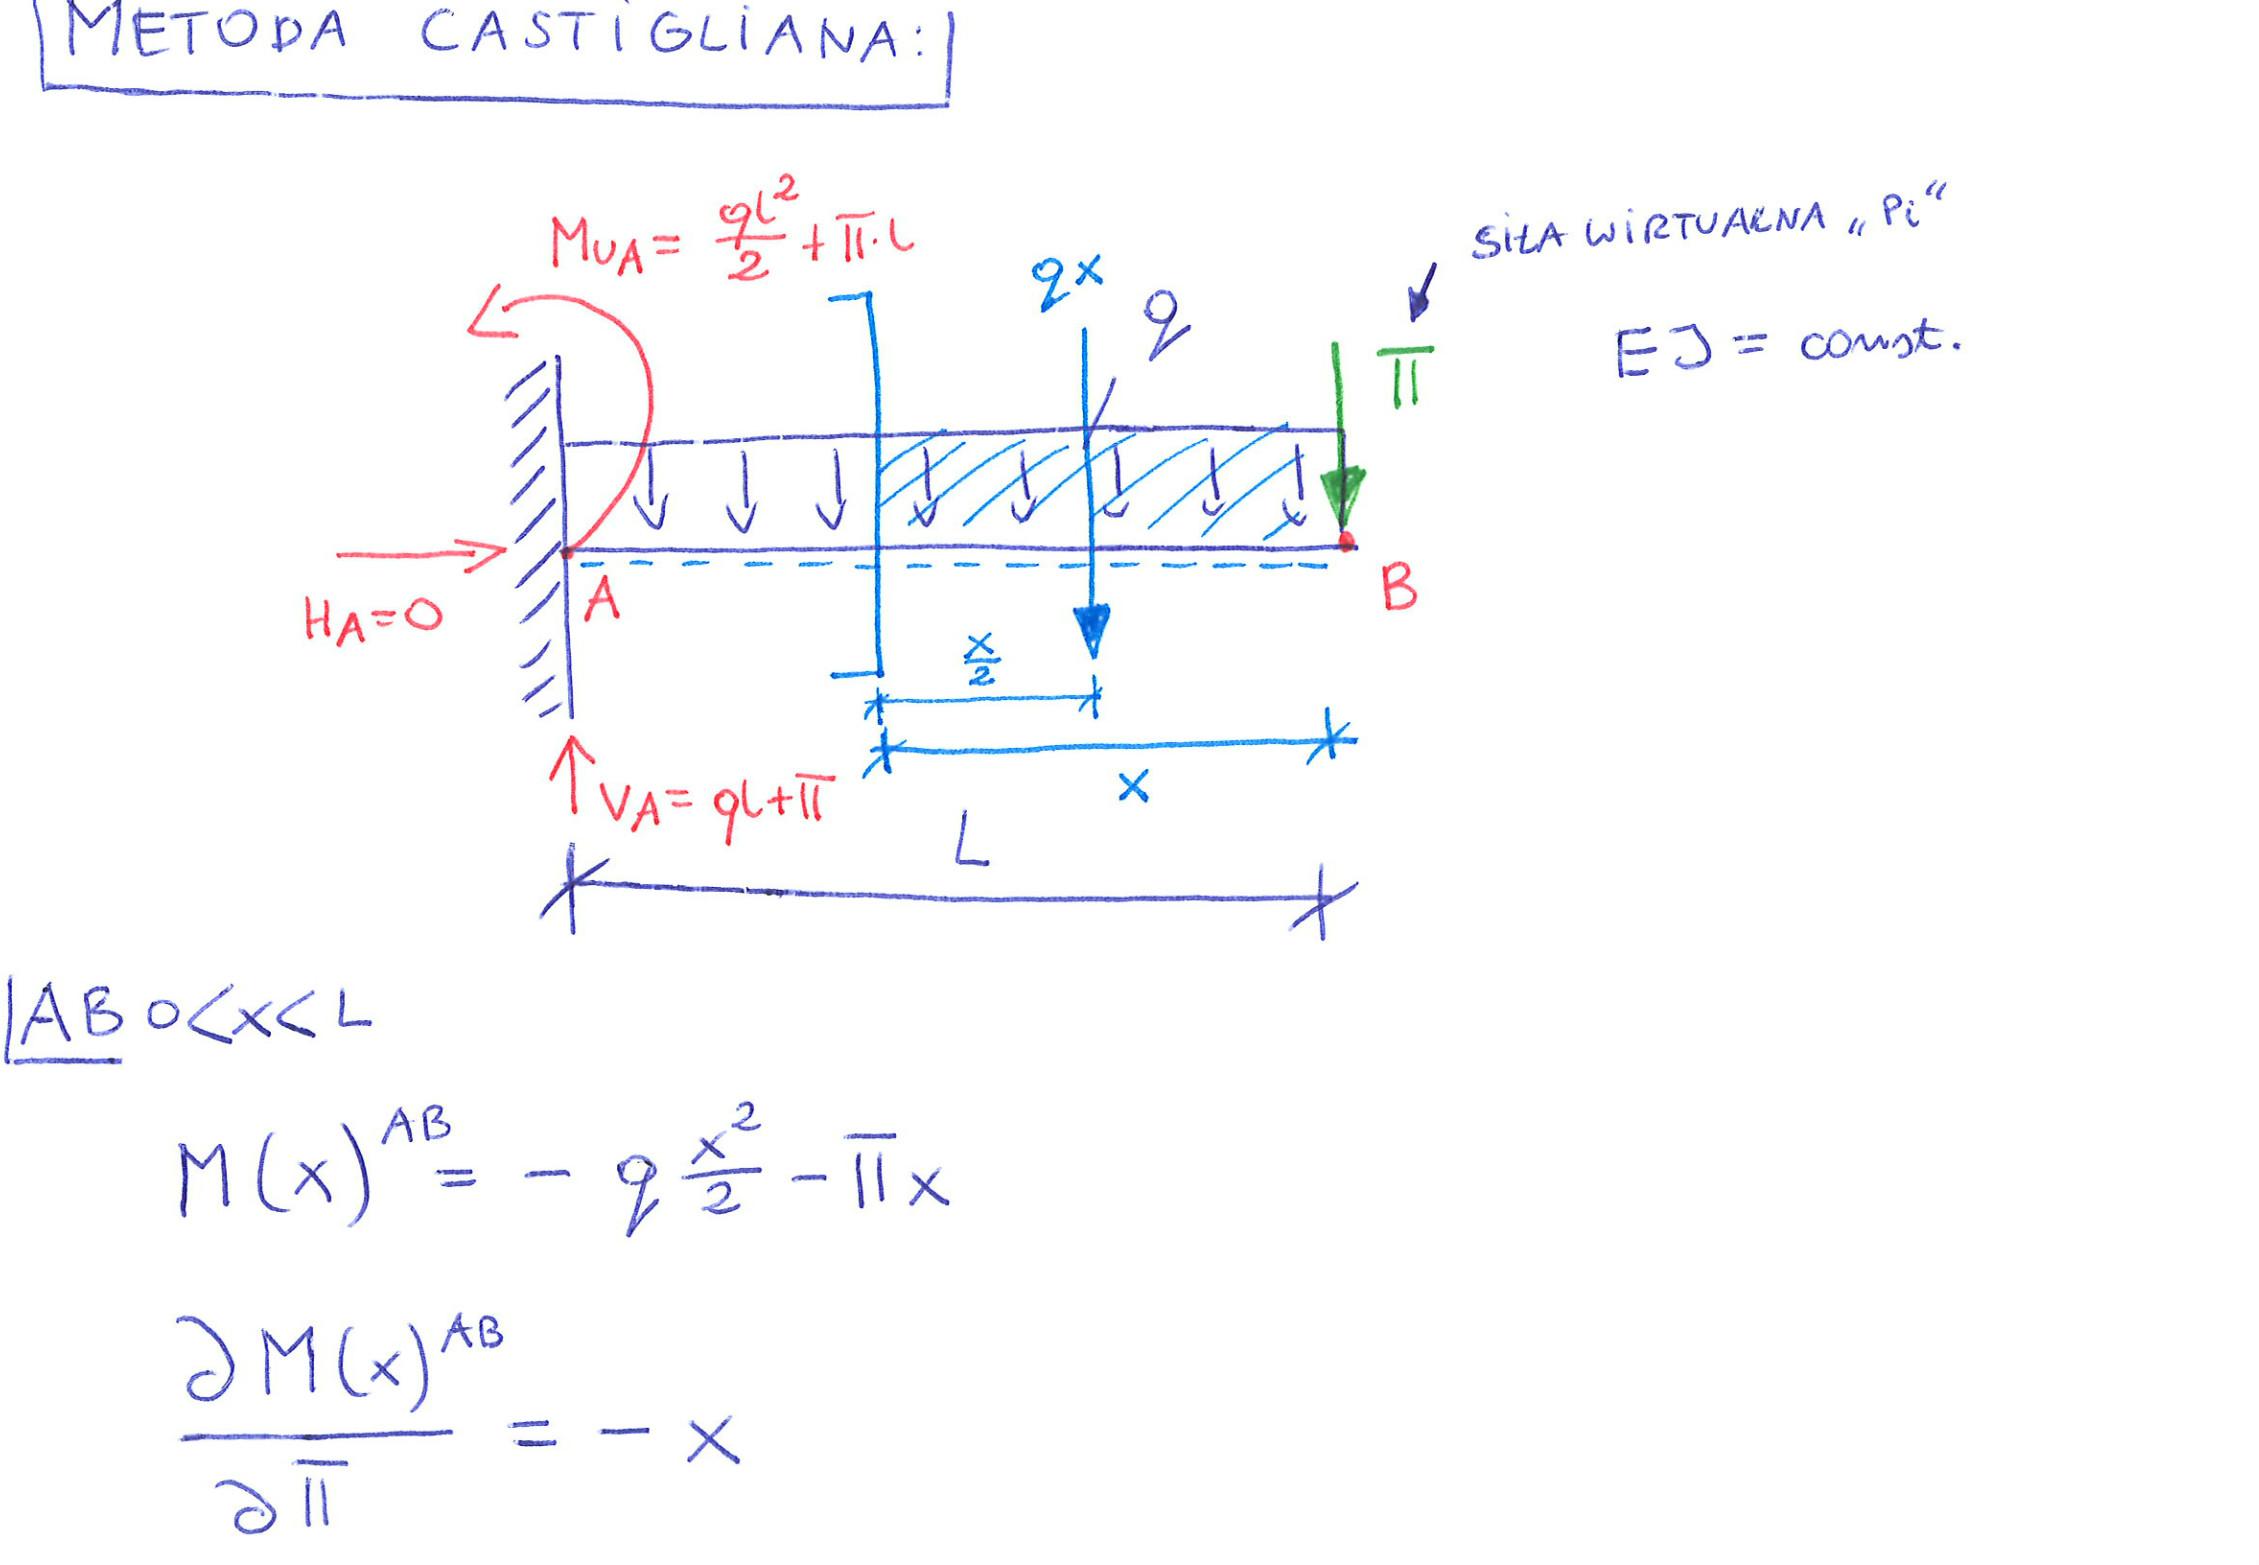 metoda castigliana fincja momentów gnących pochodna cząstkowa